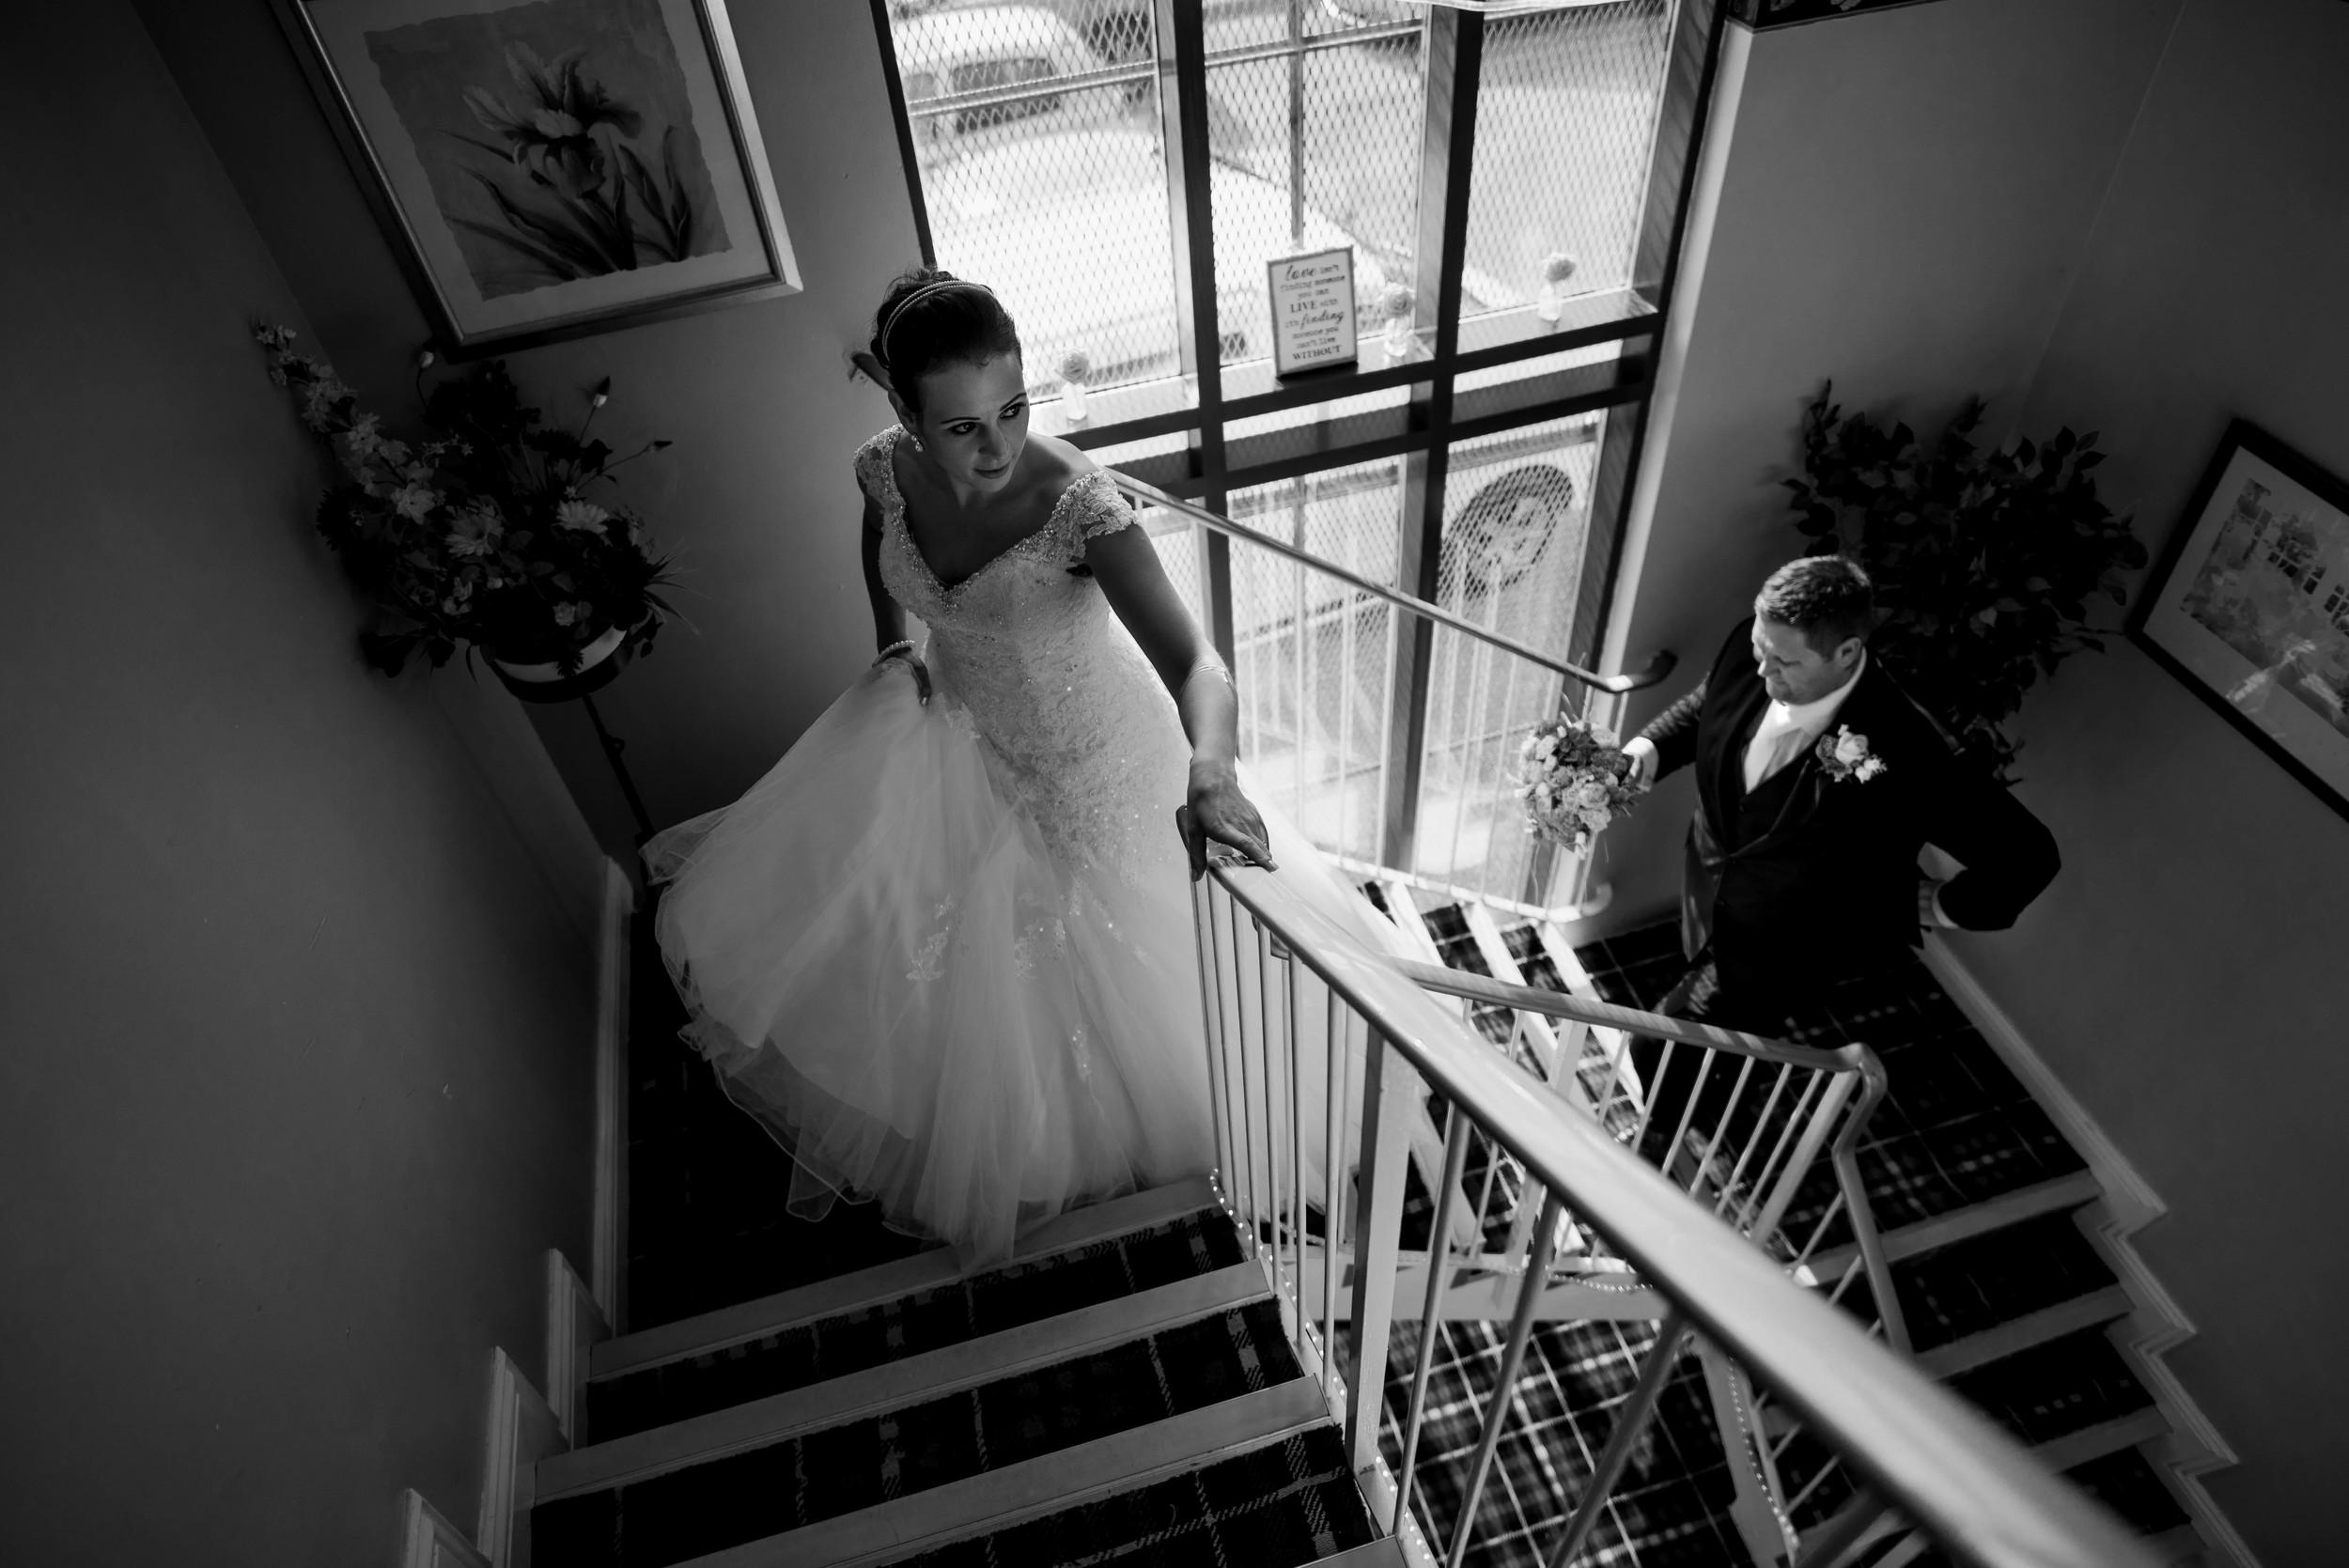 23 Bride Groom Wedding Photography Buckinghamshire.jpg